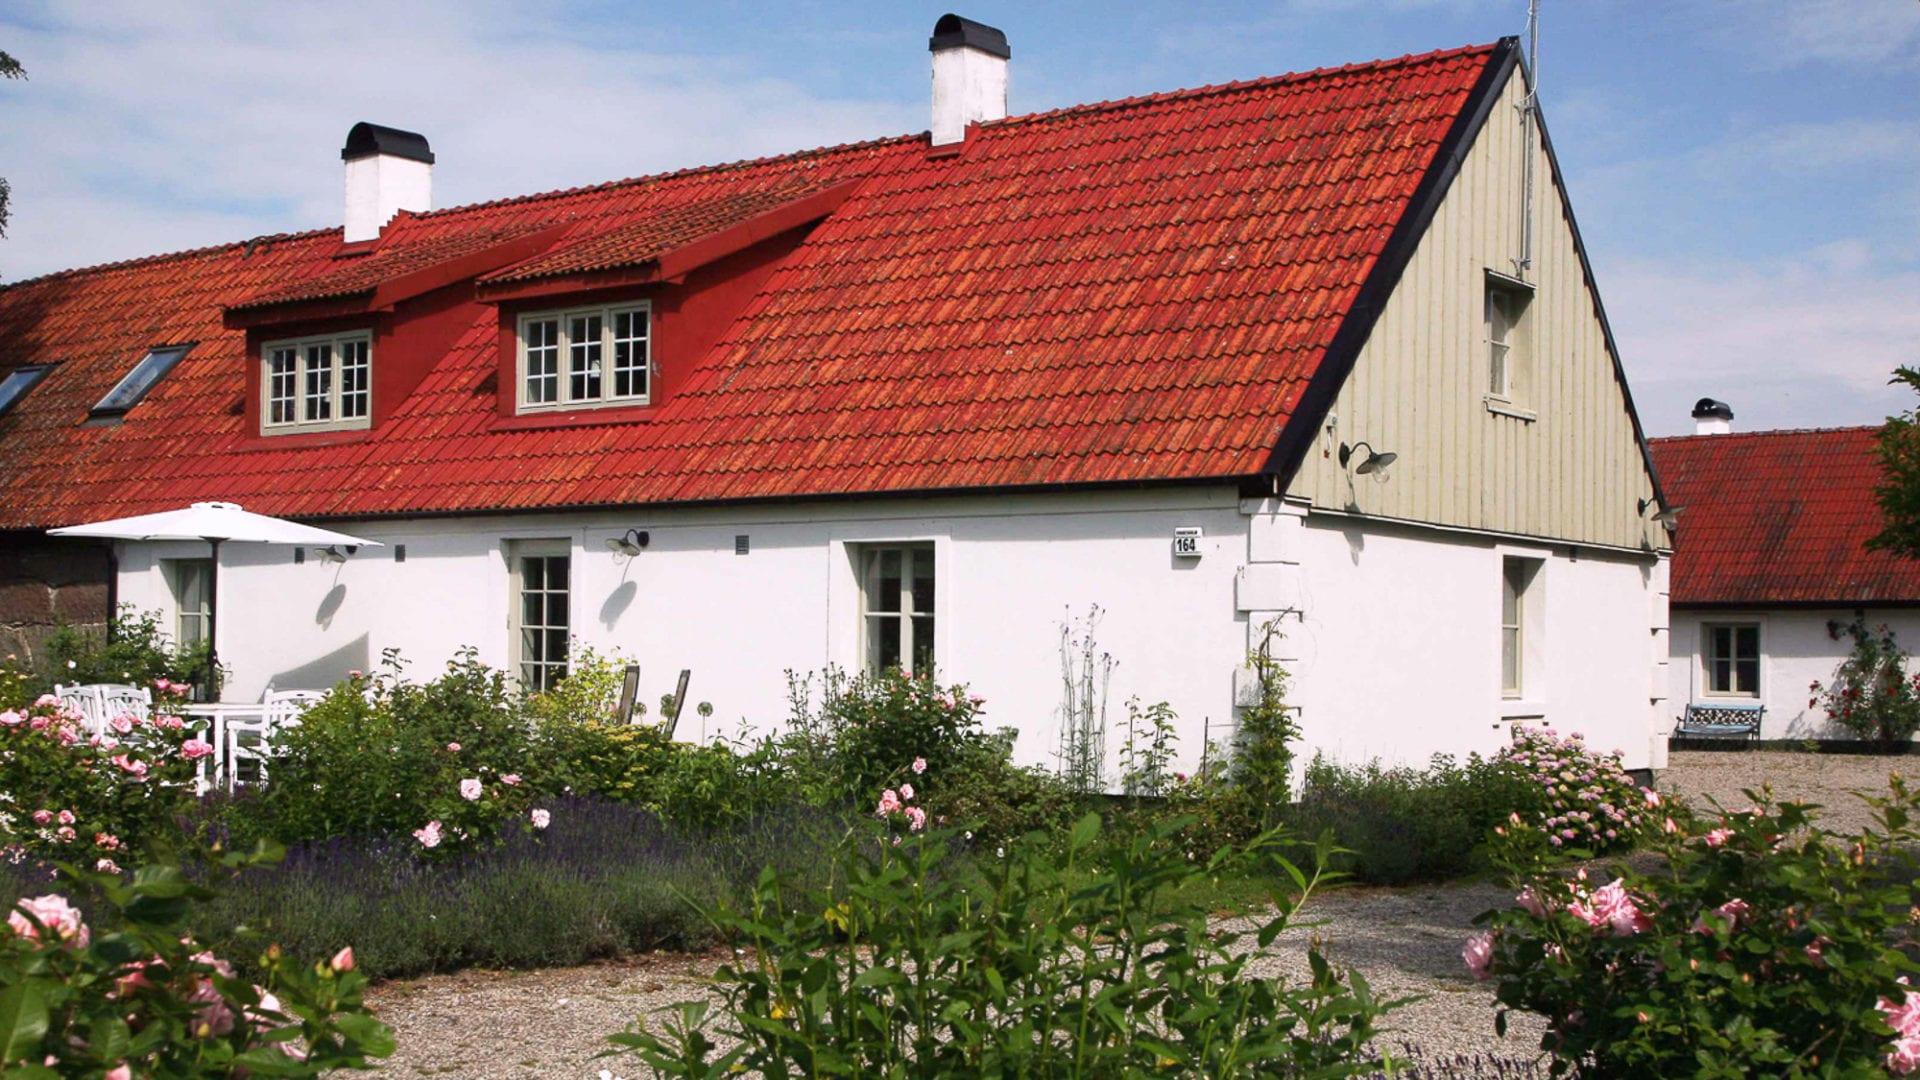 Upplev fantastiska Kivik på Österlen och låt Stenrosgården vara utgångspunkt för dina vistelse.